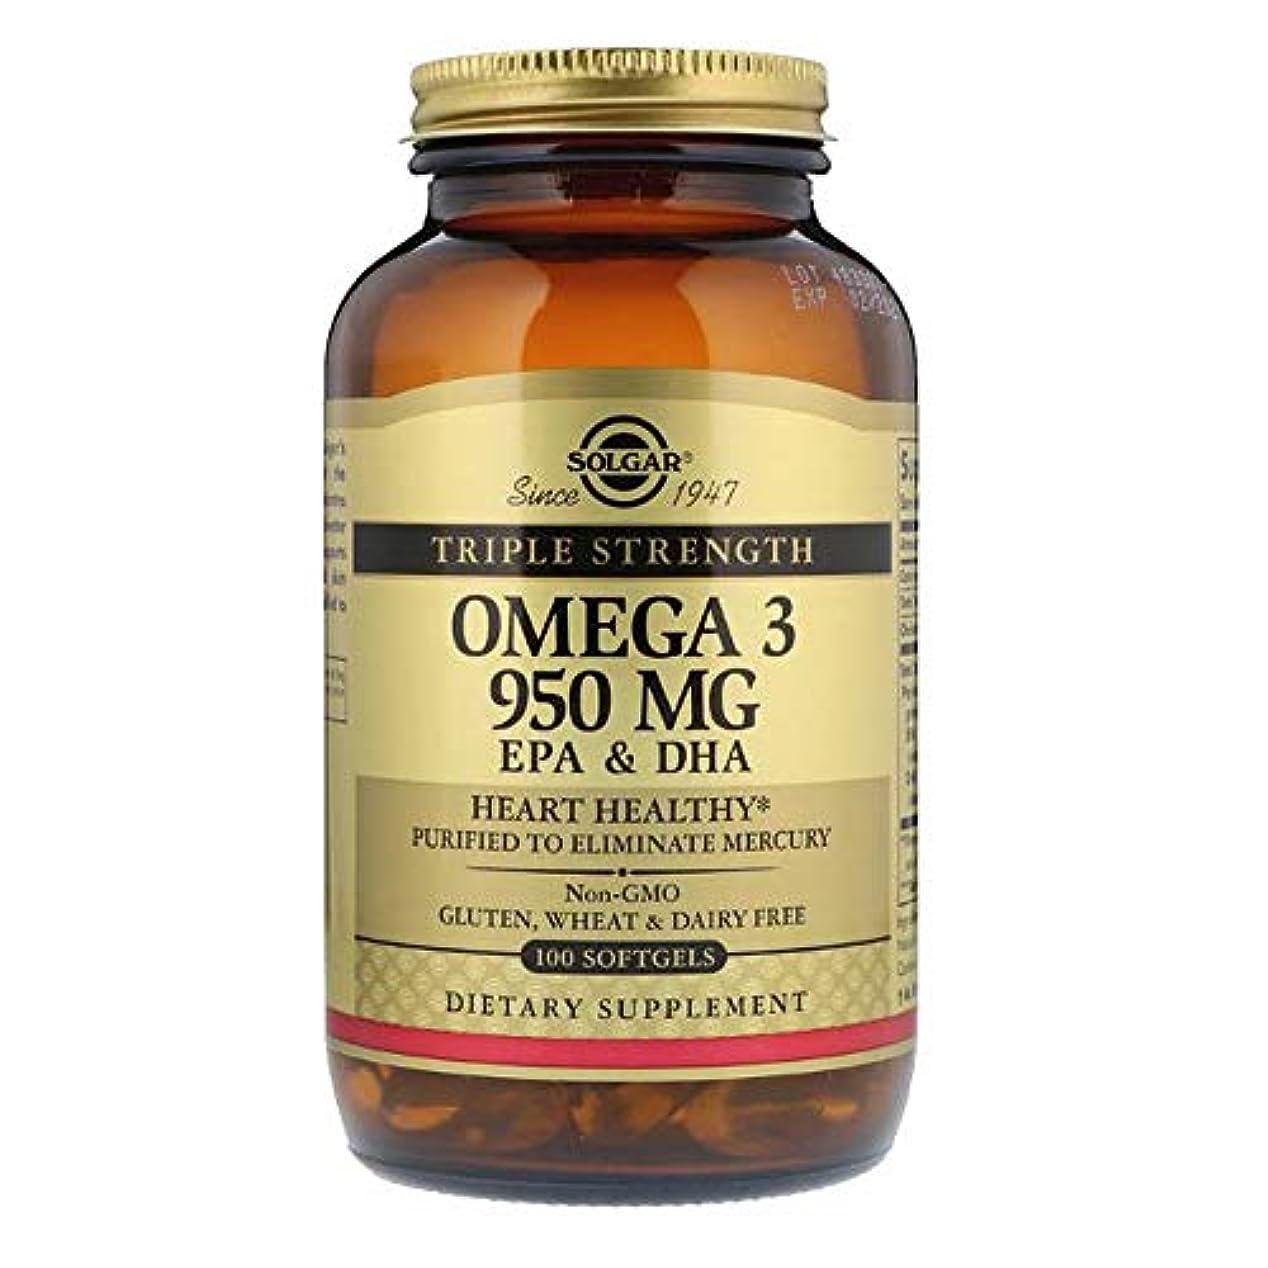 アウトドア違反する発表するSolgar オメガ 3 EPA DHA トリプルストレングス 950mg 100ソフトジェル 【アメリカ直送】